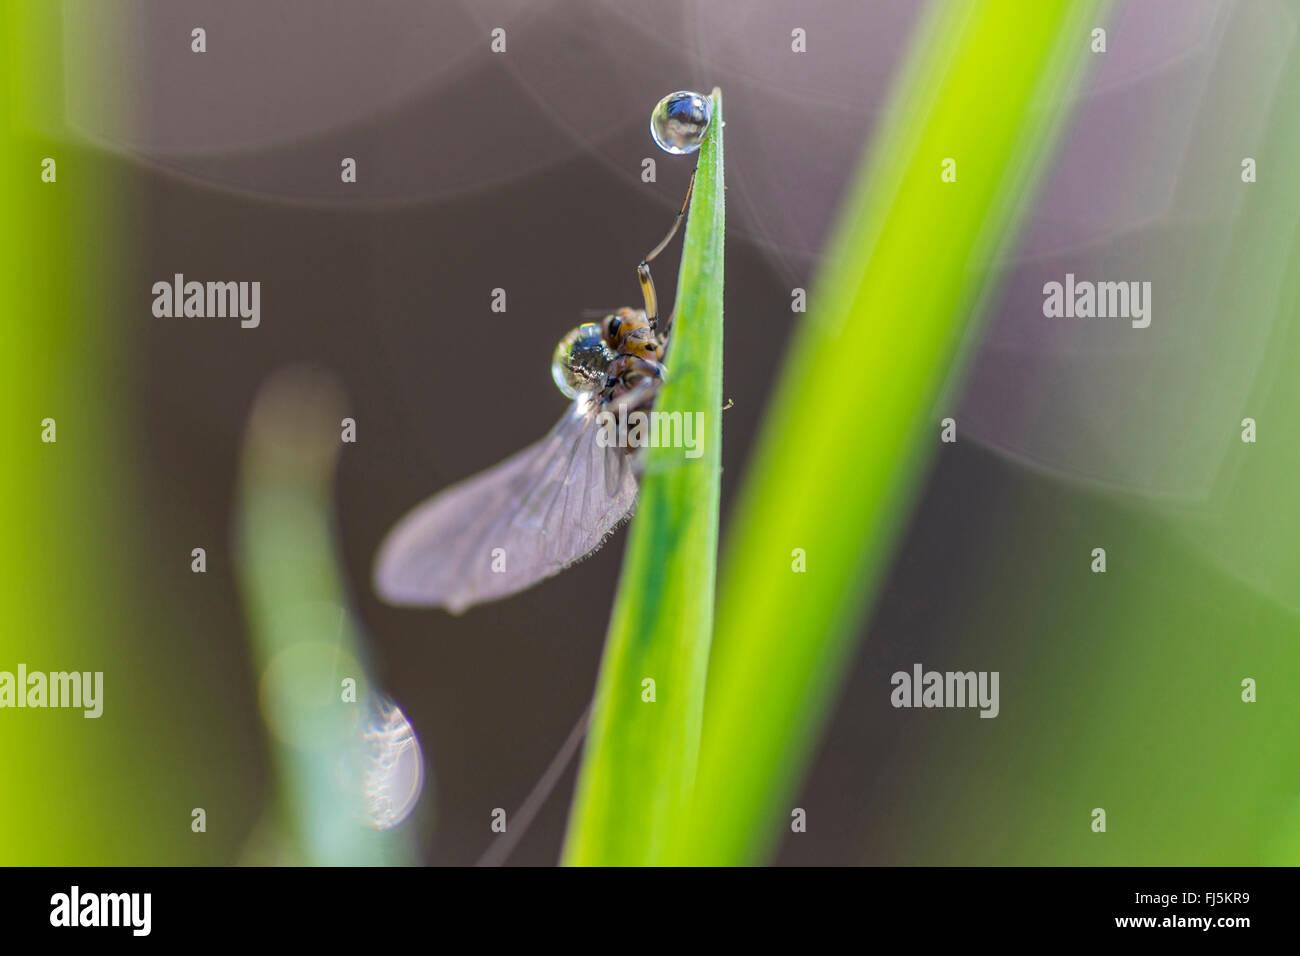 Insekt auf einem Blatt mit einem Tropfen Wasser, Deutschland, Sachsen, Vogtlaendische Schweiz Stockbild